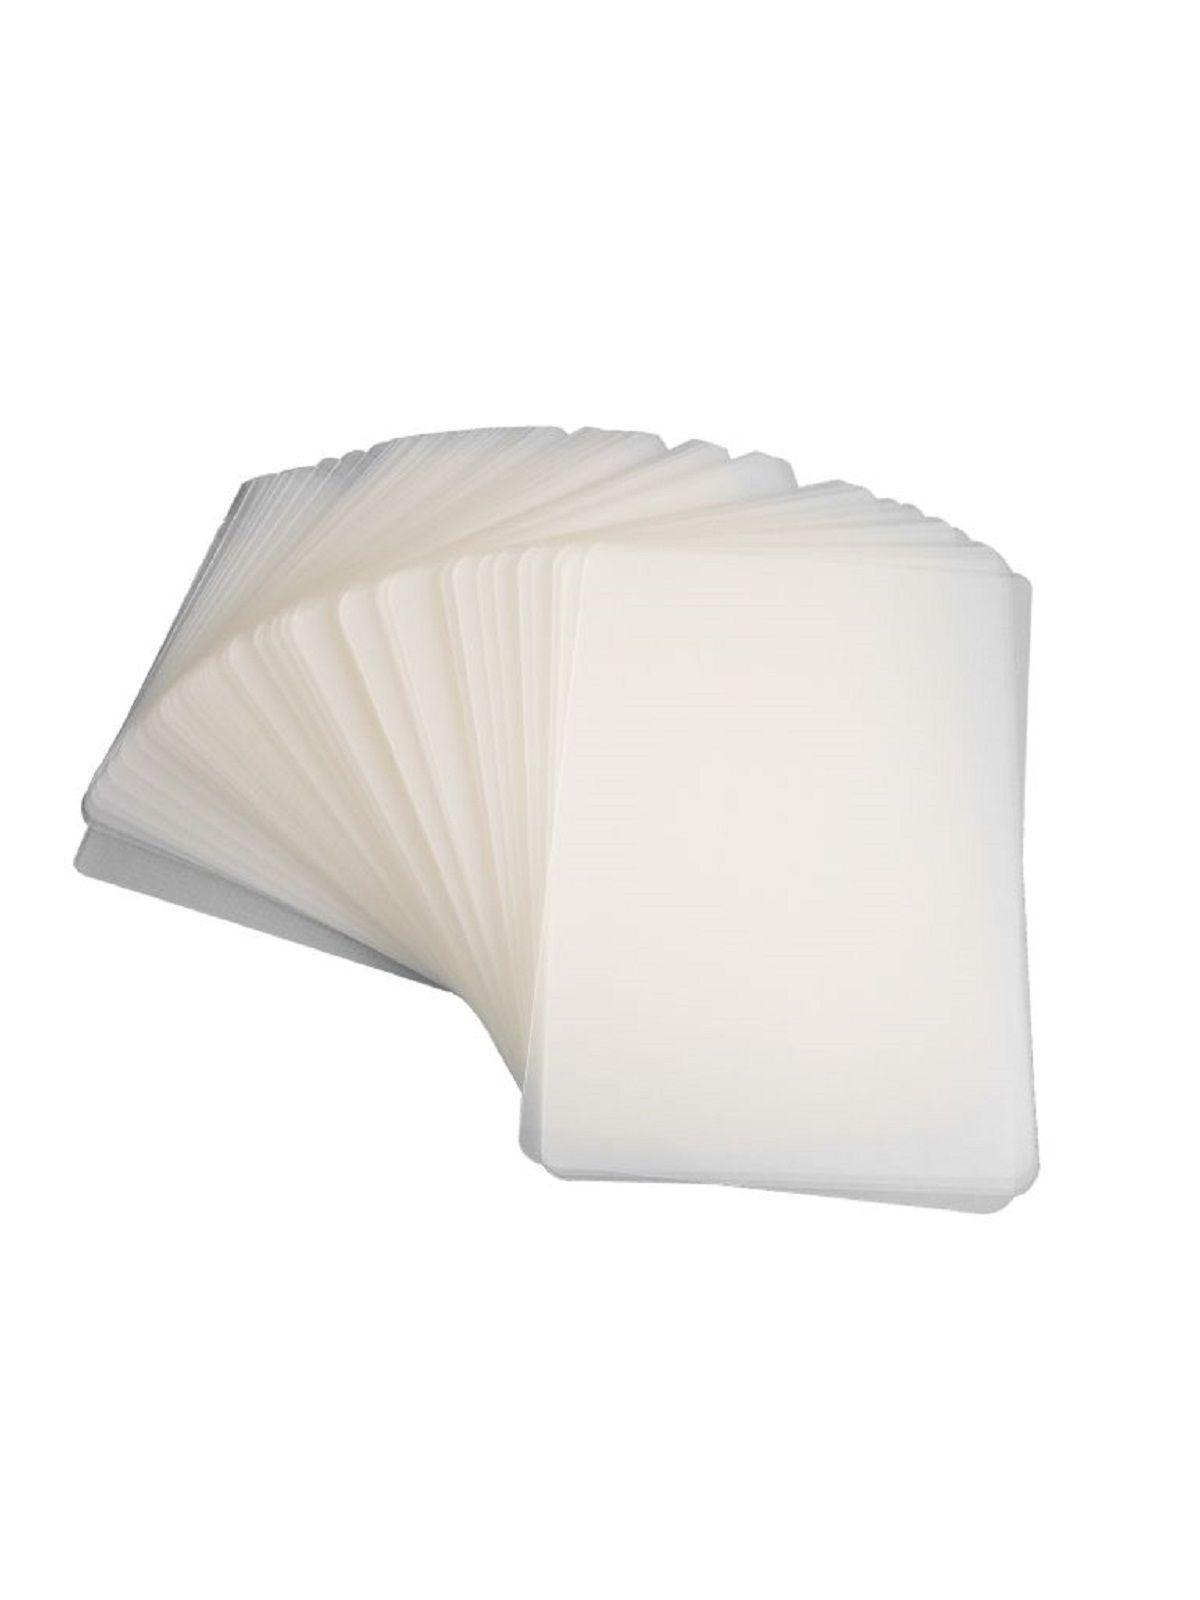 Kit 80 Plásticos Polaseal para Plastificação 0,05mm (125 micras)   - Click Suprimentos